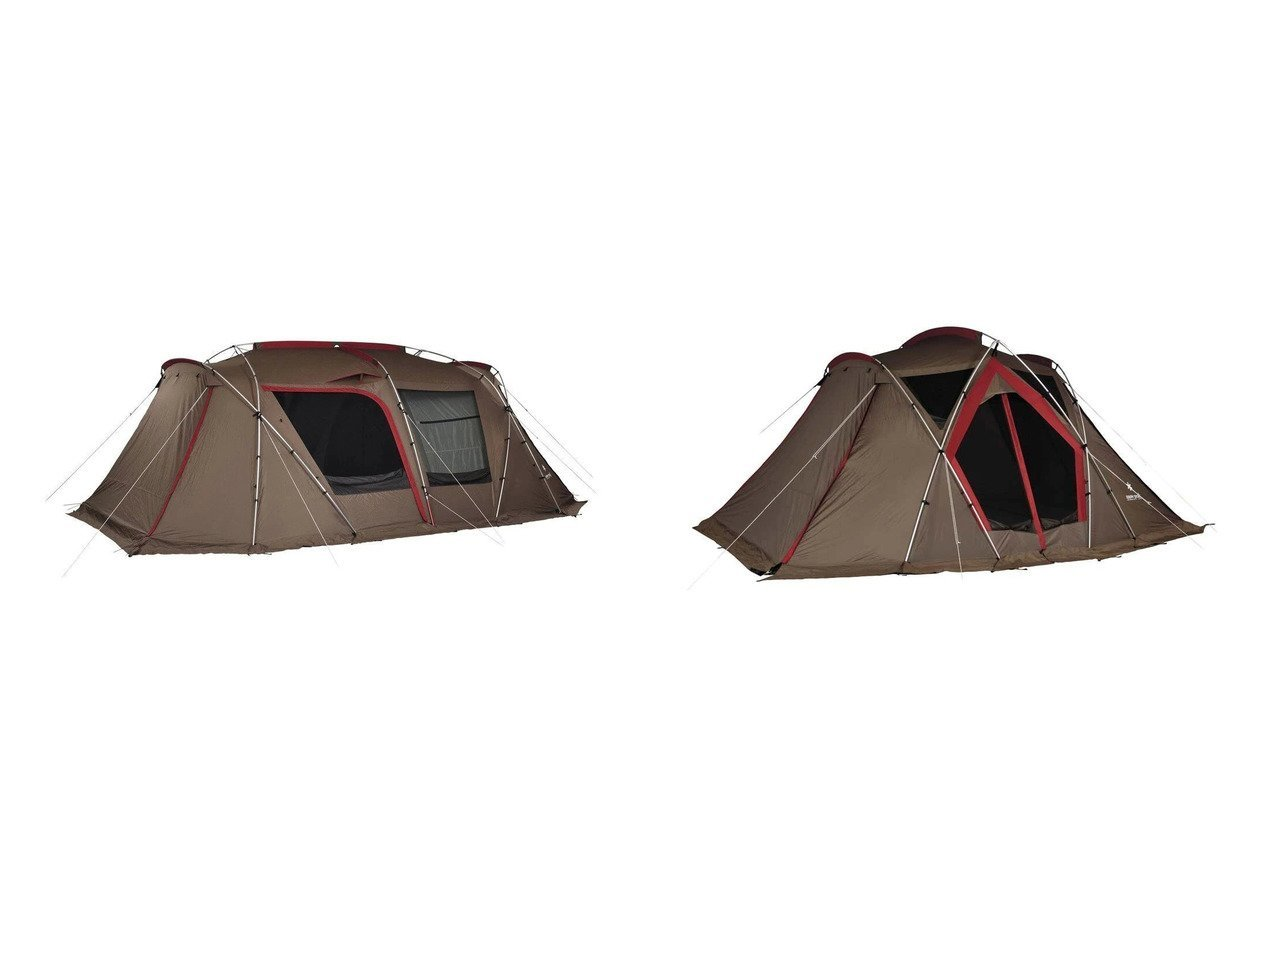 【SNOW PEAK/スノーピーク】のスノーピーク テント ランドロックシェルター TP-671R キャンプ用品&スノーピーク テント リビングシェル TP-623R キャンプ用品 ドーム型テント おすすめ!人気キャンプ・アウトドア用品の通販 おすすめで人気の流行・トレンド、ファッションの通販商品 メンズファッション・キッズファッション・インテリア・家具・レディースファッション・服の通販 founy(ファニー) https://founy.com/ ファッション Fashion レディースファッション WOMEN コーティング タフタ フレーム ポケット インナー センター ボトム ホーム・キャンプ・アウトドア Home,Garden,Outdoor,Camping Gear キャンプ用品・アウトドア  Camping Gear & Outdoor Supplies テント タープ Tents, Tarp |ID:crp329100000034778